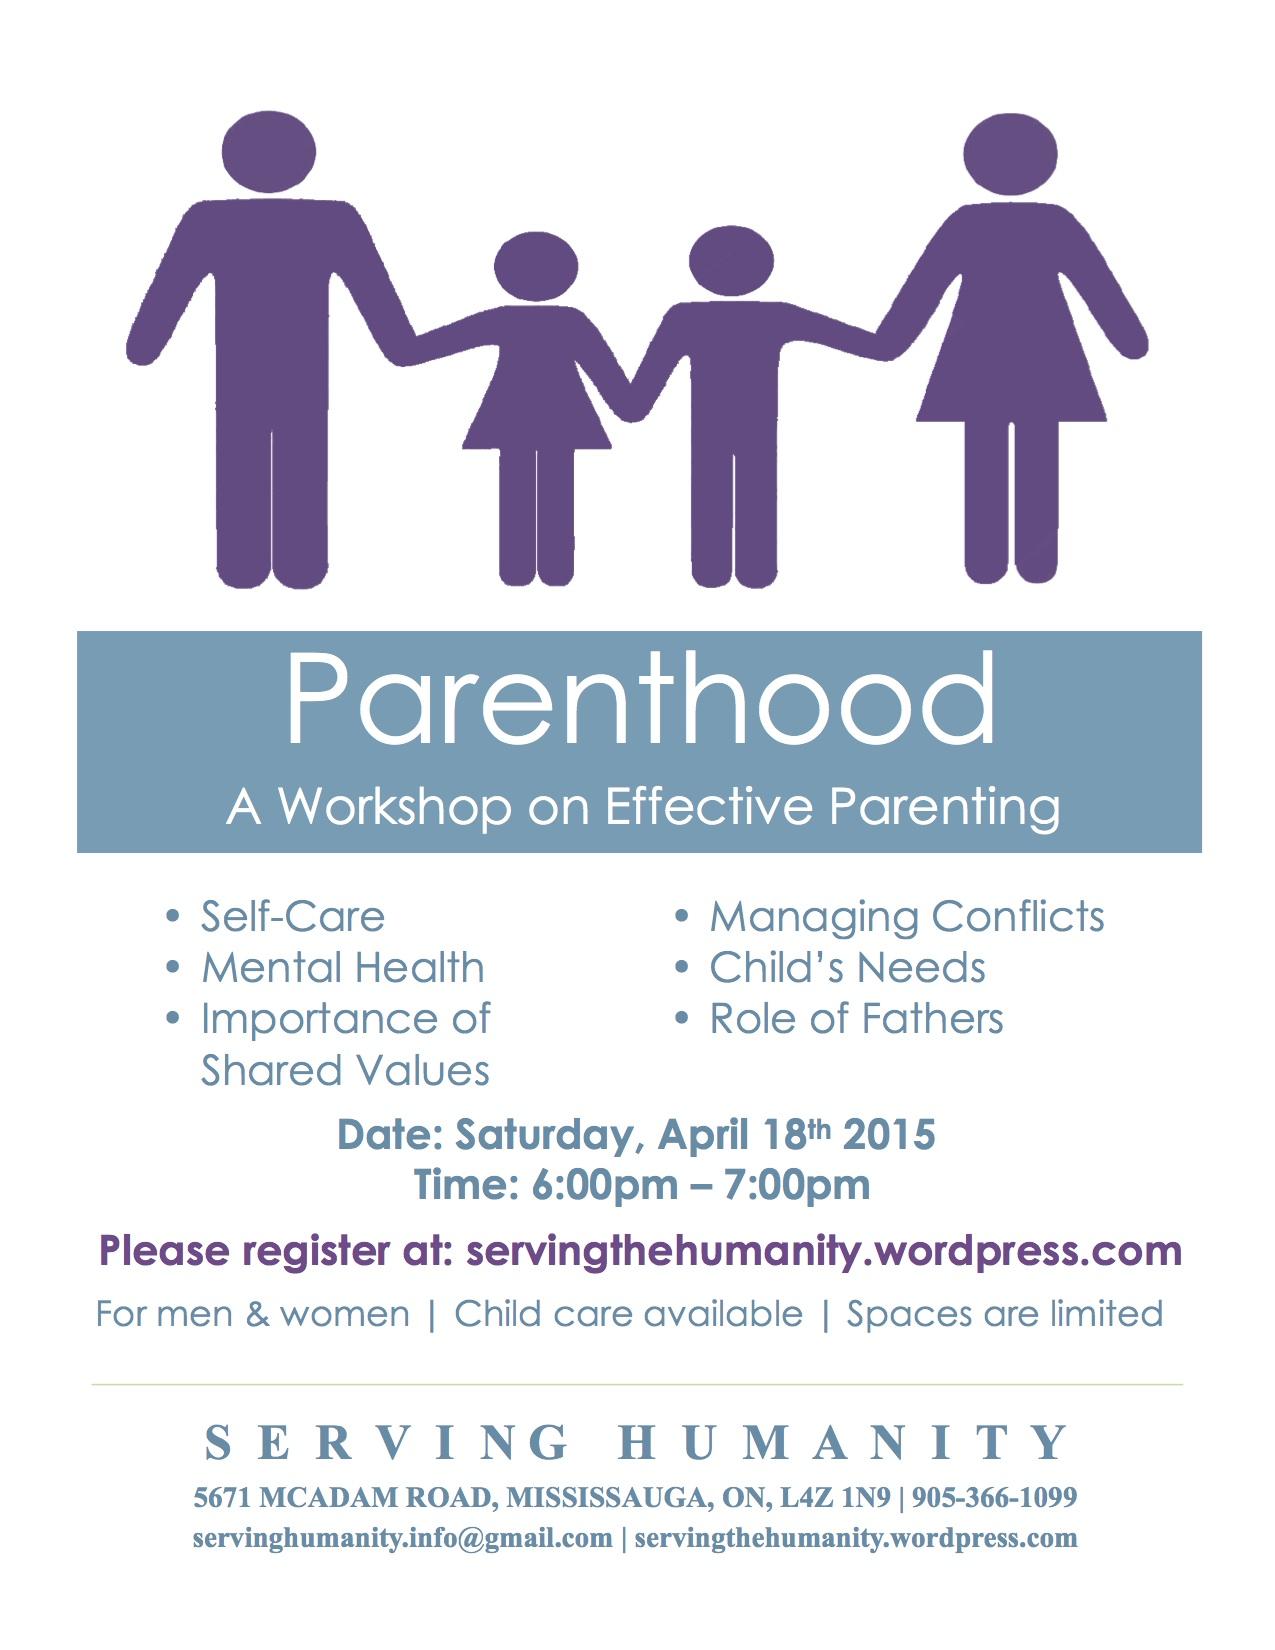 Parenthood Workshop